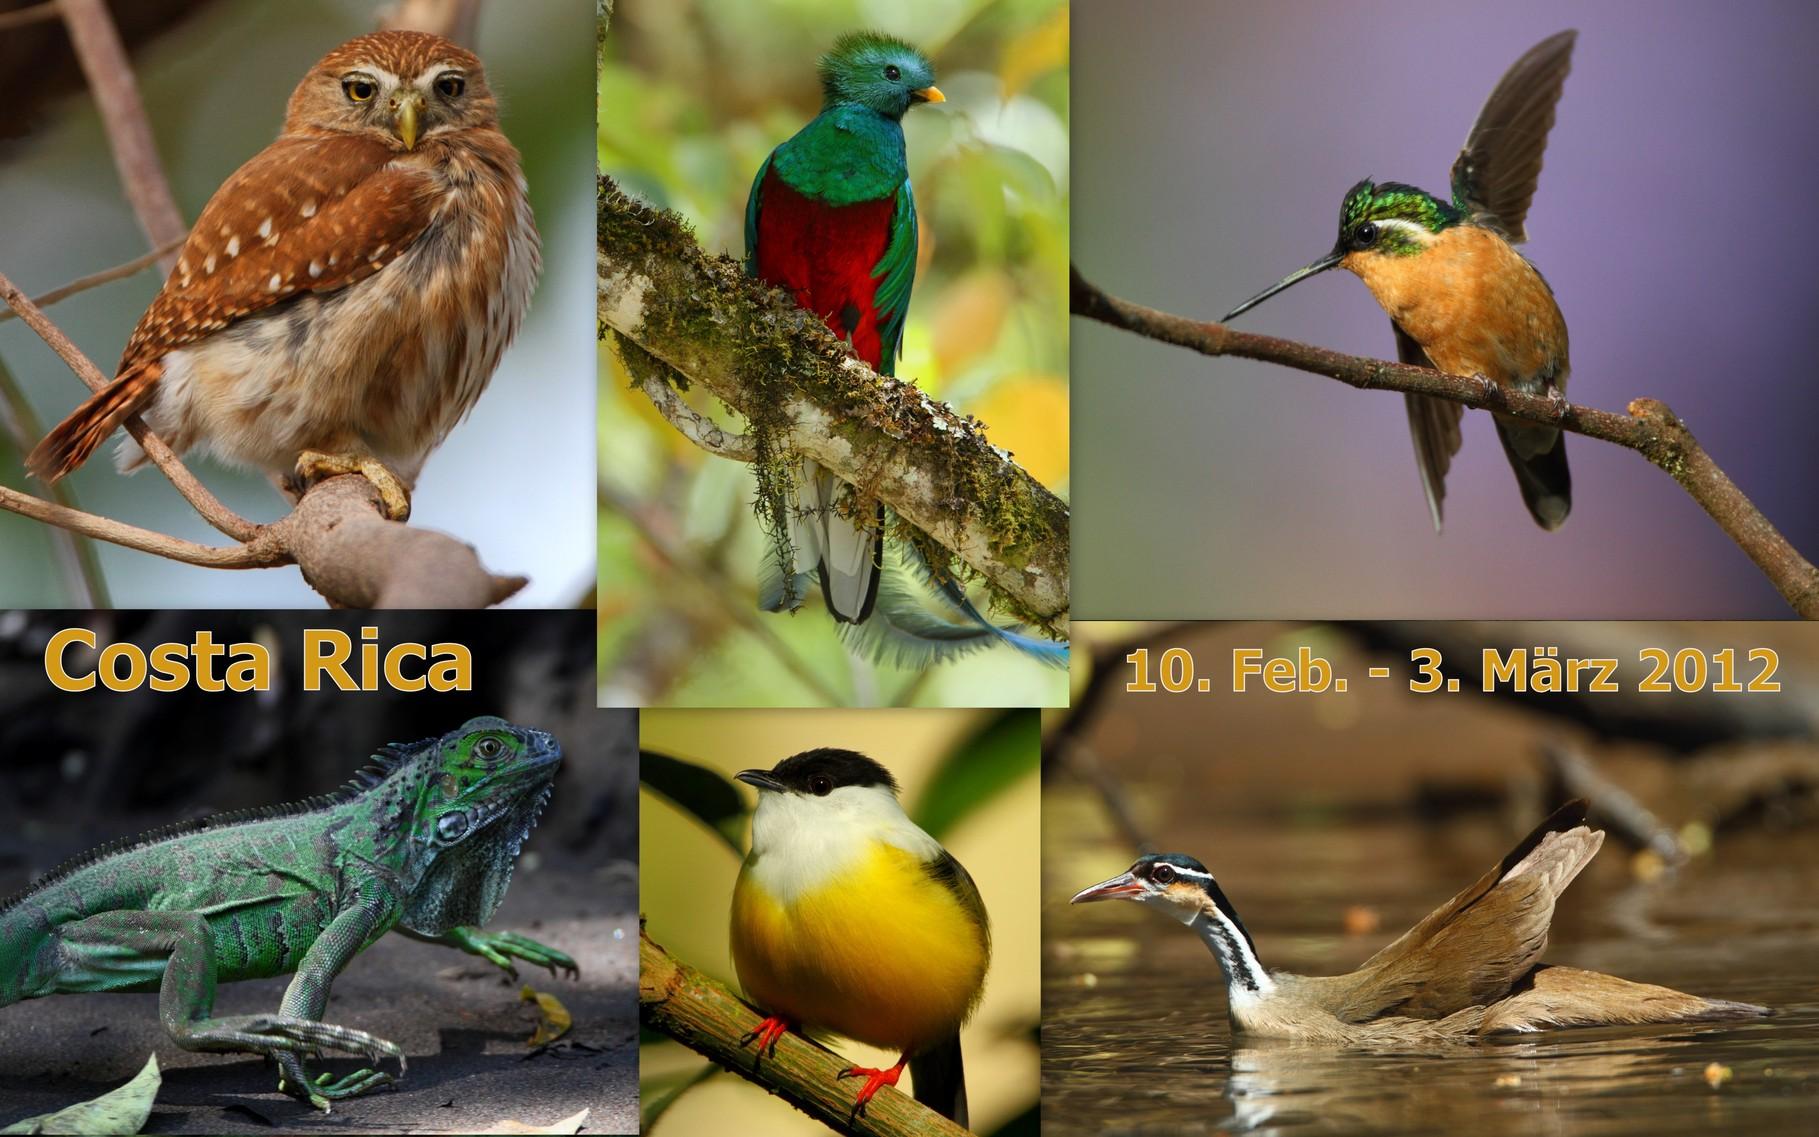 Starte die Bilder-Galerie unserer Costa Rica-Reise im Februar 2012